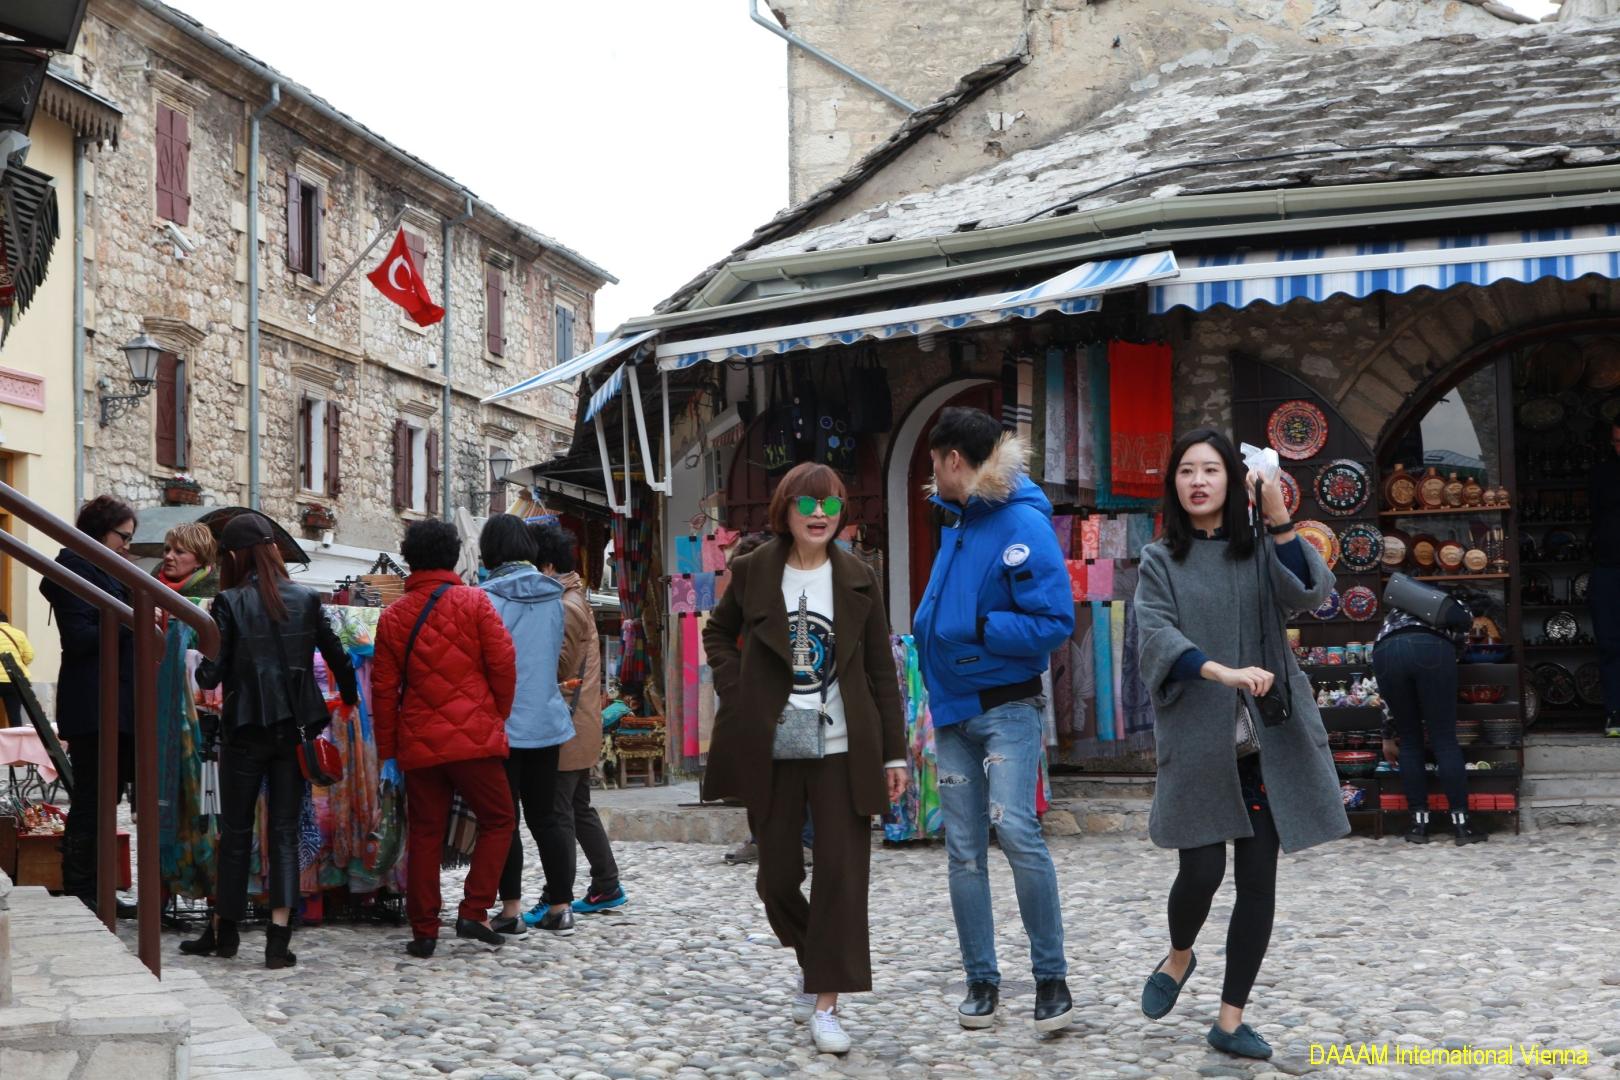 DAAAM_2016_Mostar_01_Magic_City_of_Mostar_103